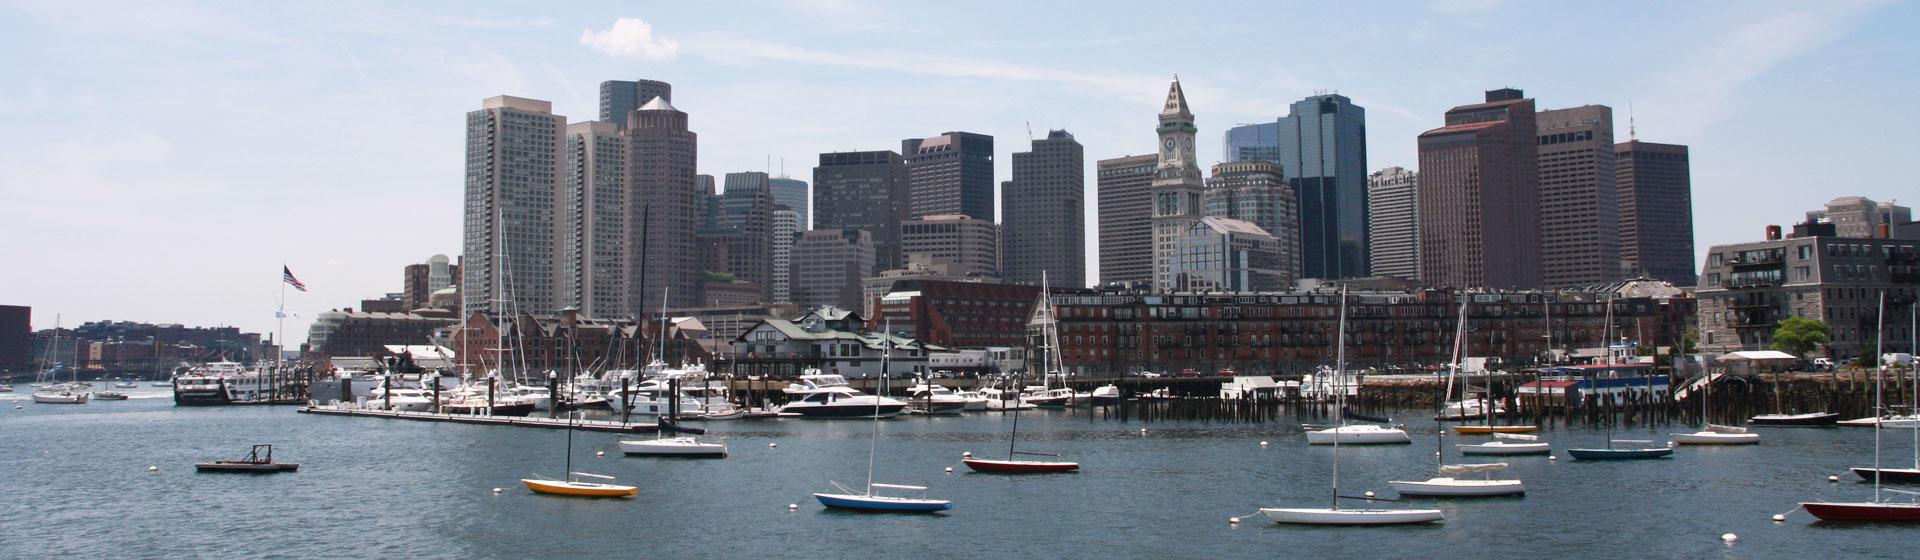 Hamnen i Boston.